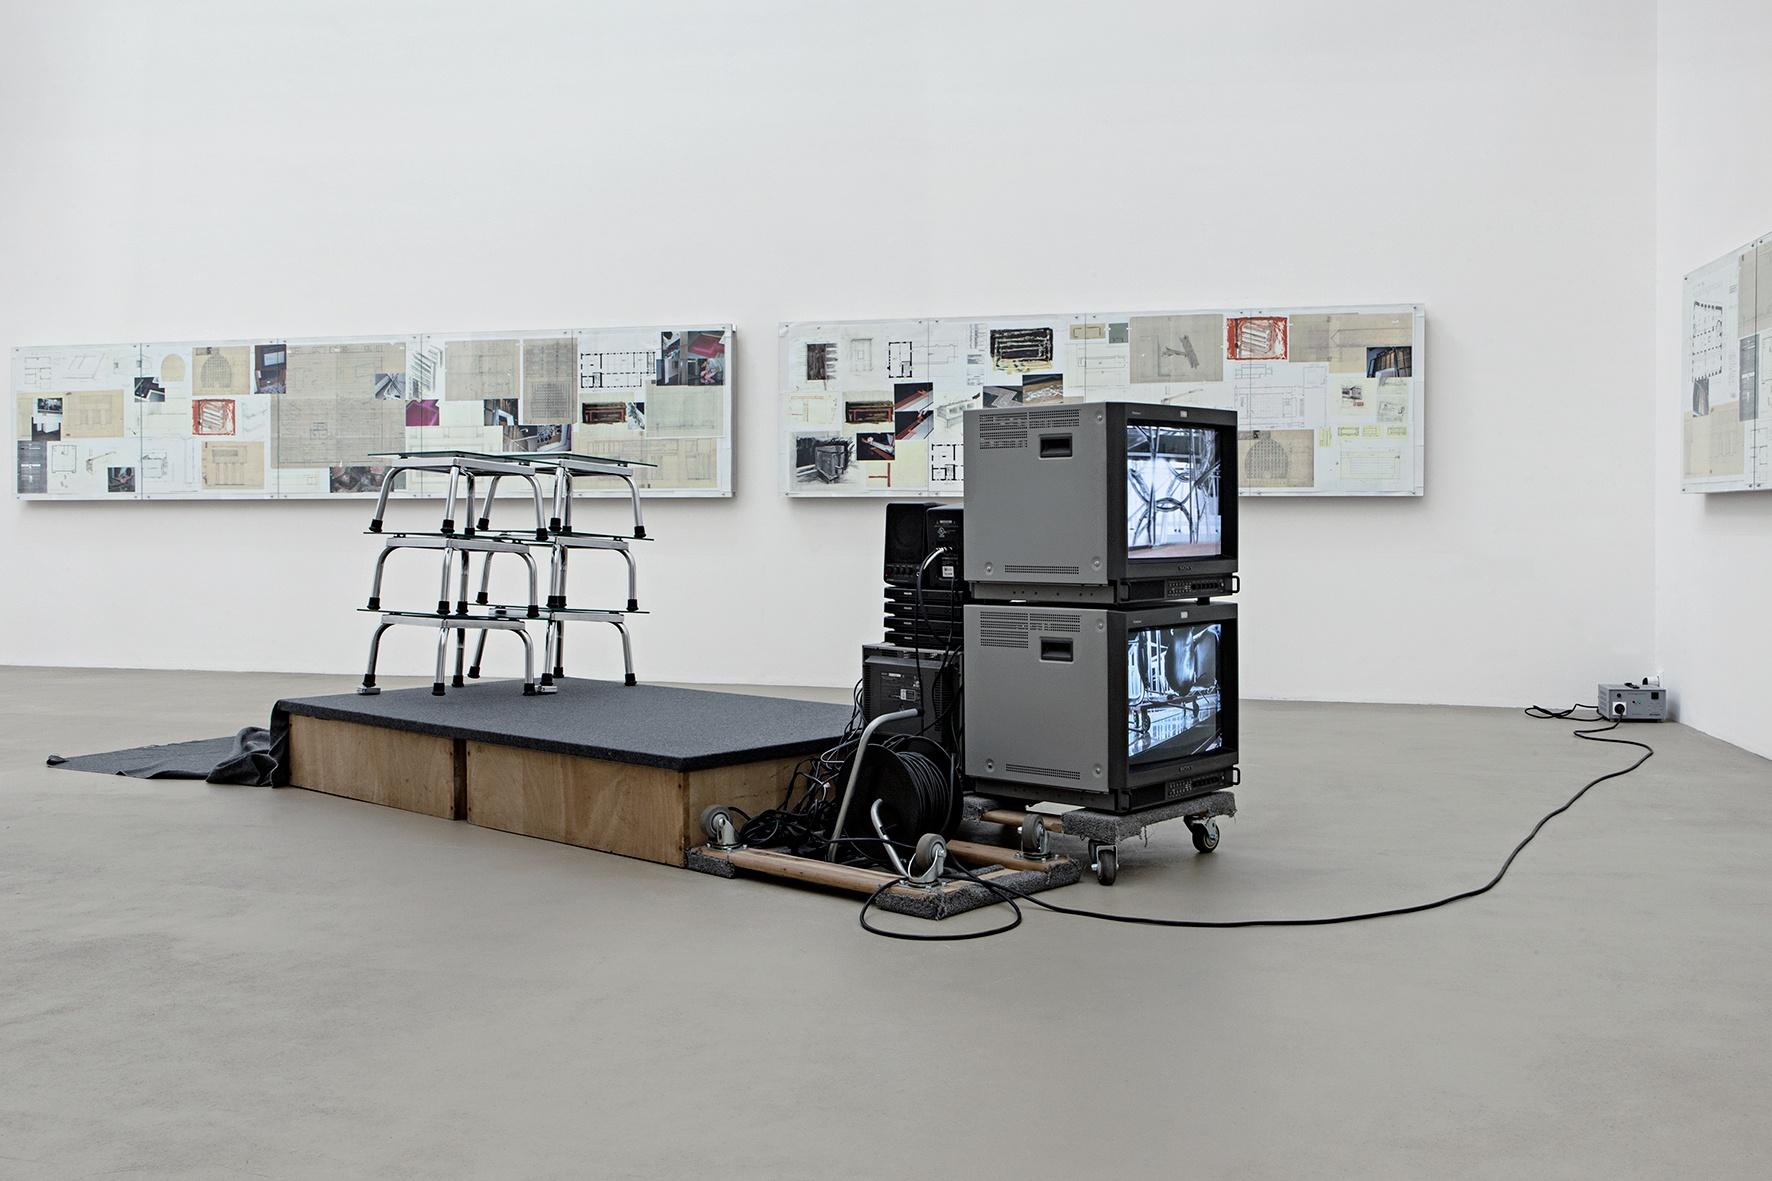 Versuchsanordnung II zu Ohne Titel (Reinhard Mucha – Die Letzten werden die Letzten sein – Nationalgalerie Berlin 1982), Für Mies van der Rohe, [2013] 2008